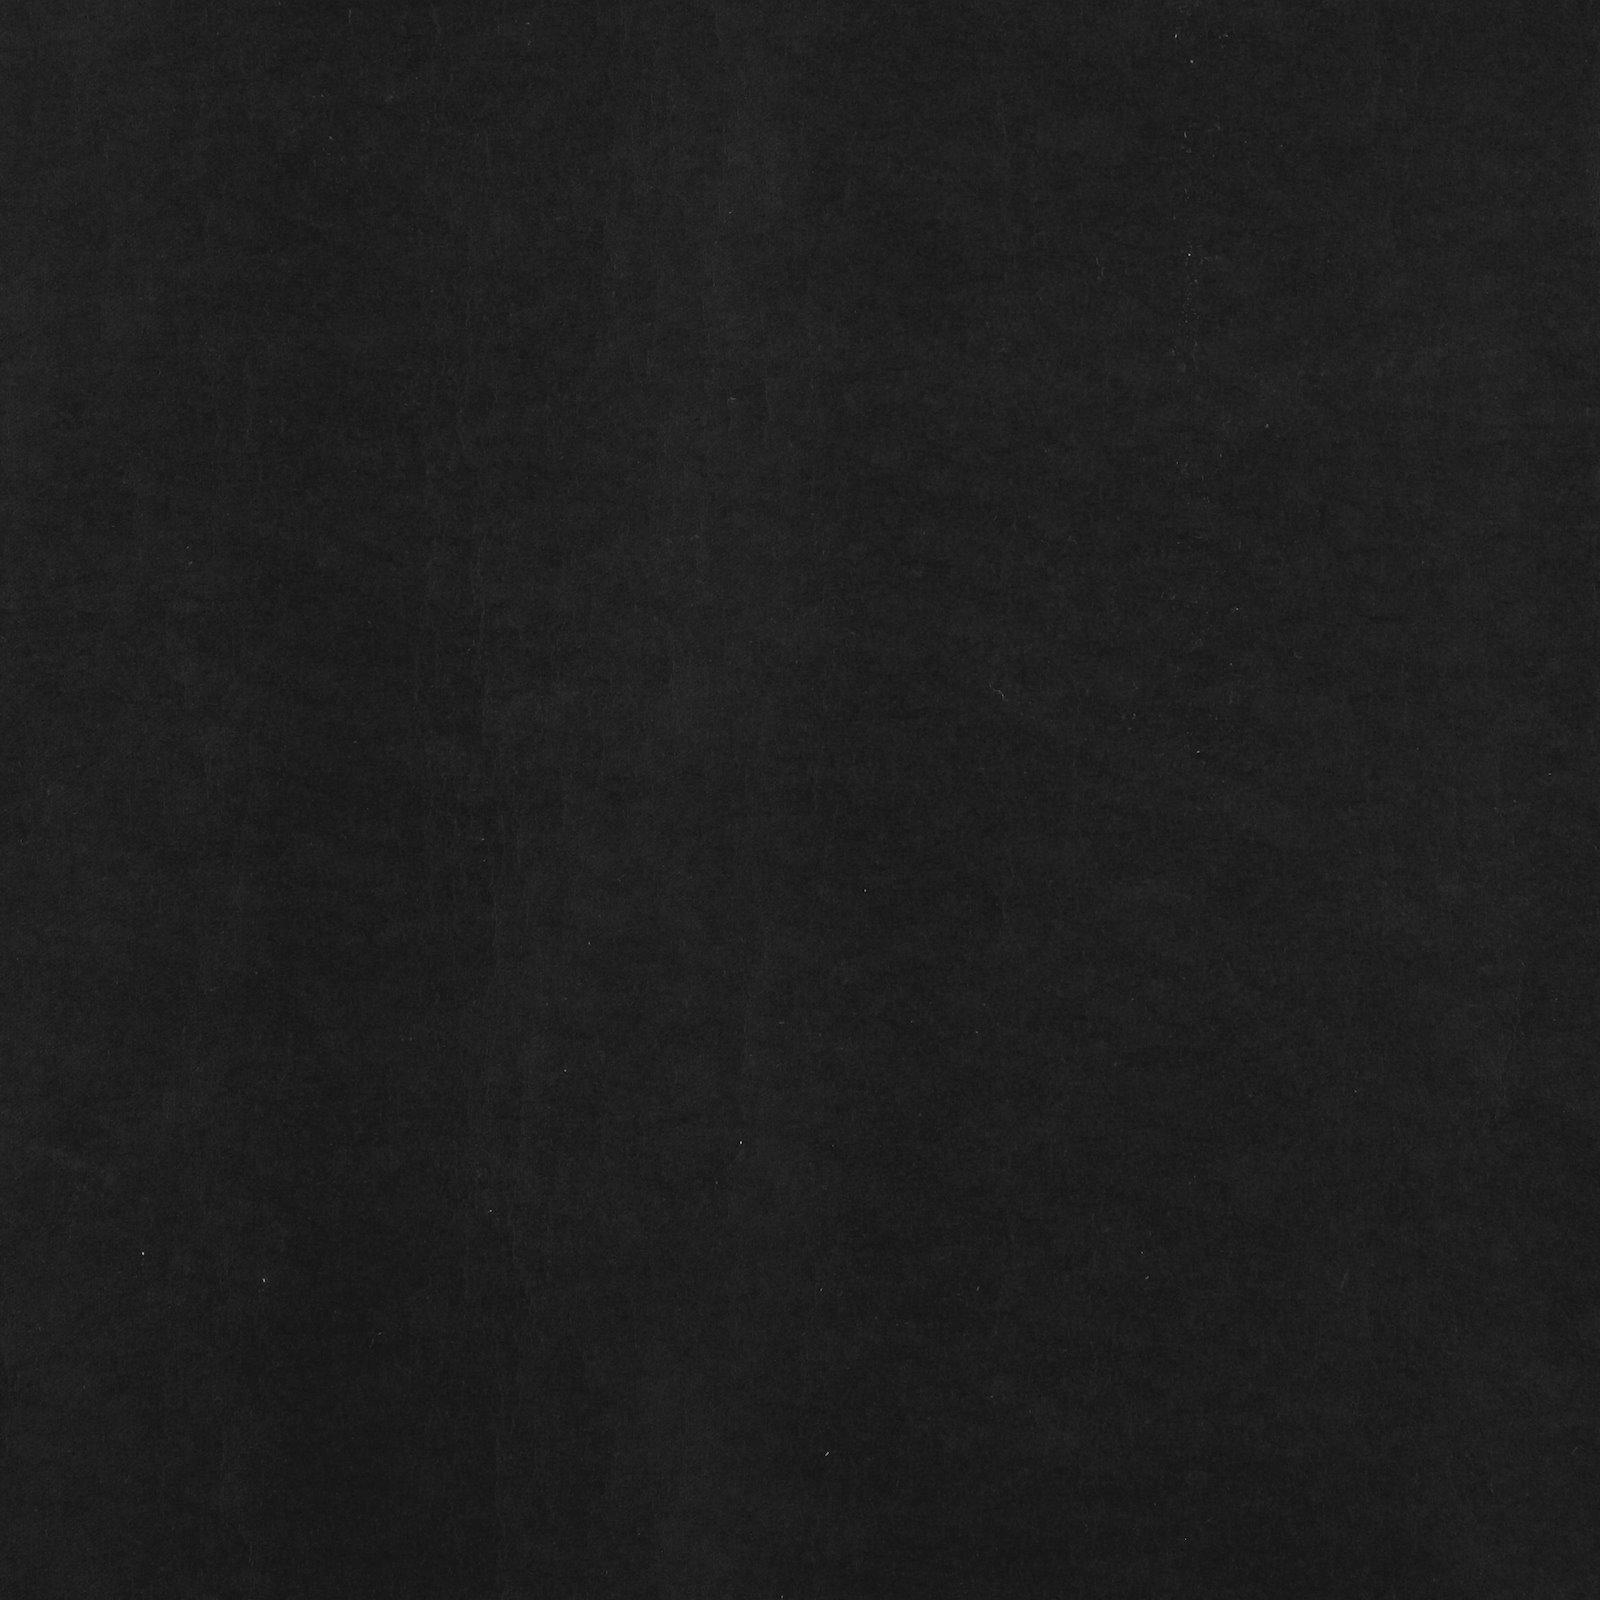 PAP FAB black 75x100cm 95500_pack